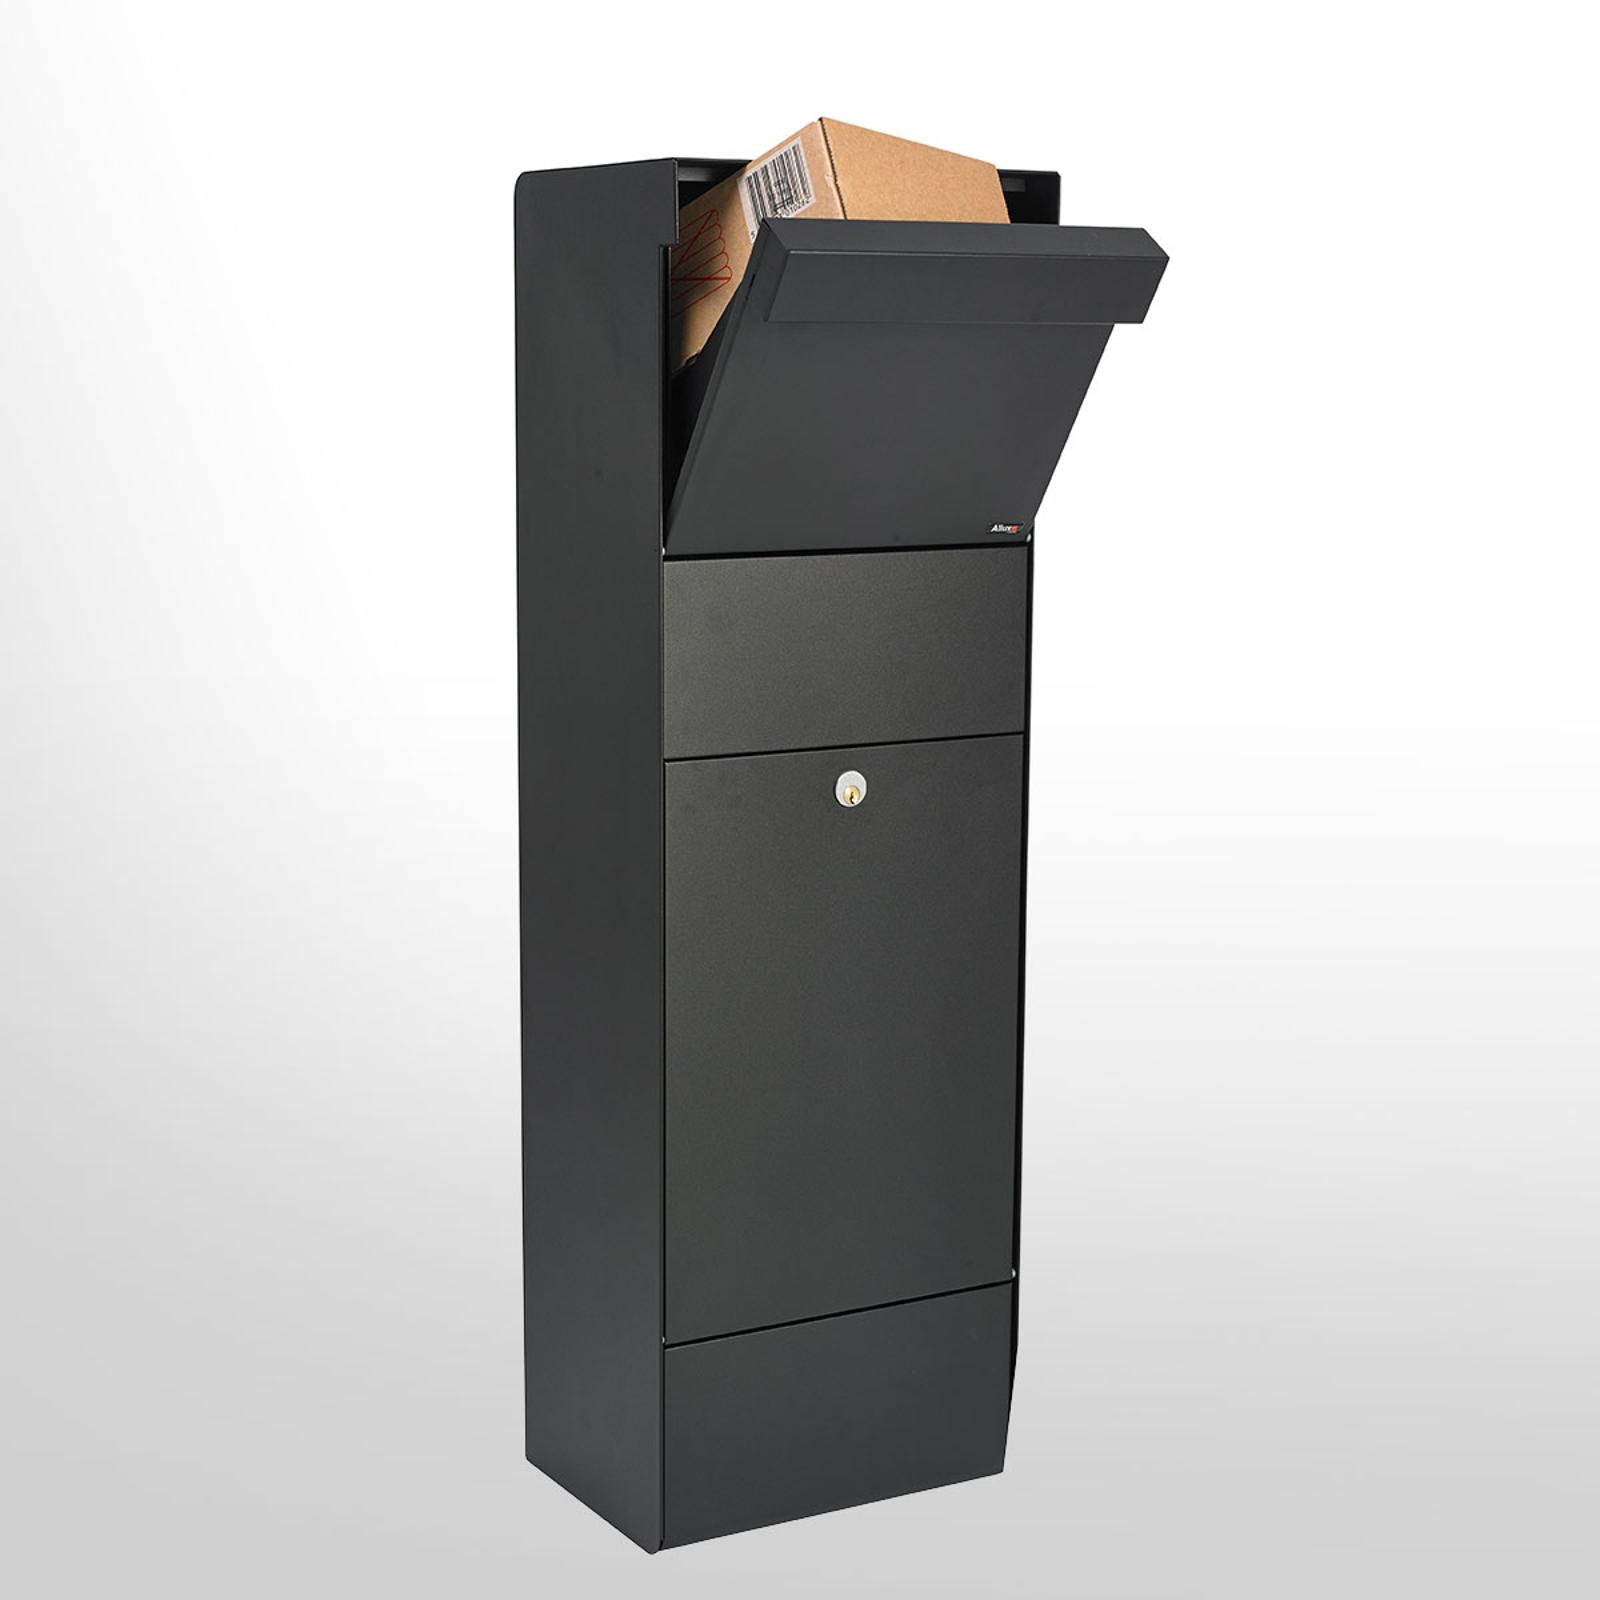 Geräumiger Paket-Briefkasten Grundform Parcel